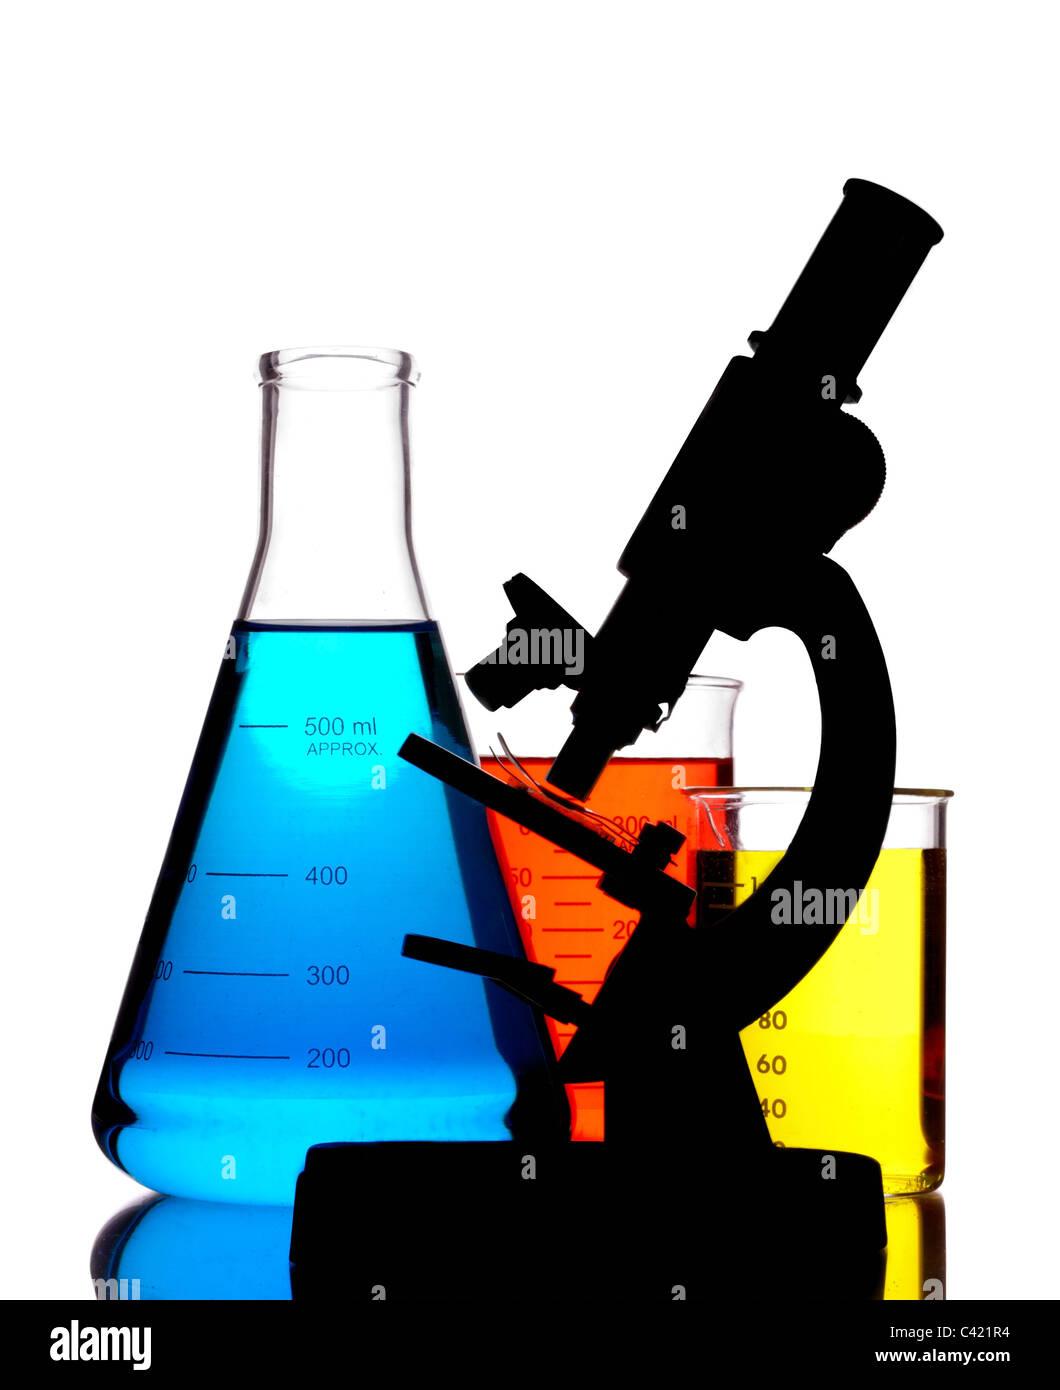 Microscopio y material de vidrio de laboratorio. Imagen De Stock